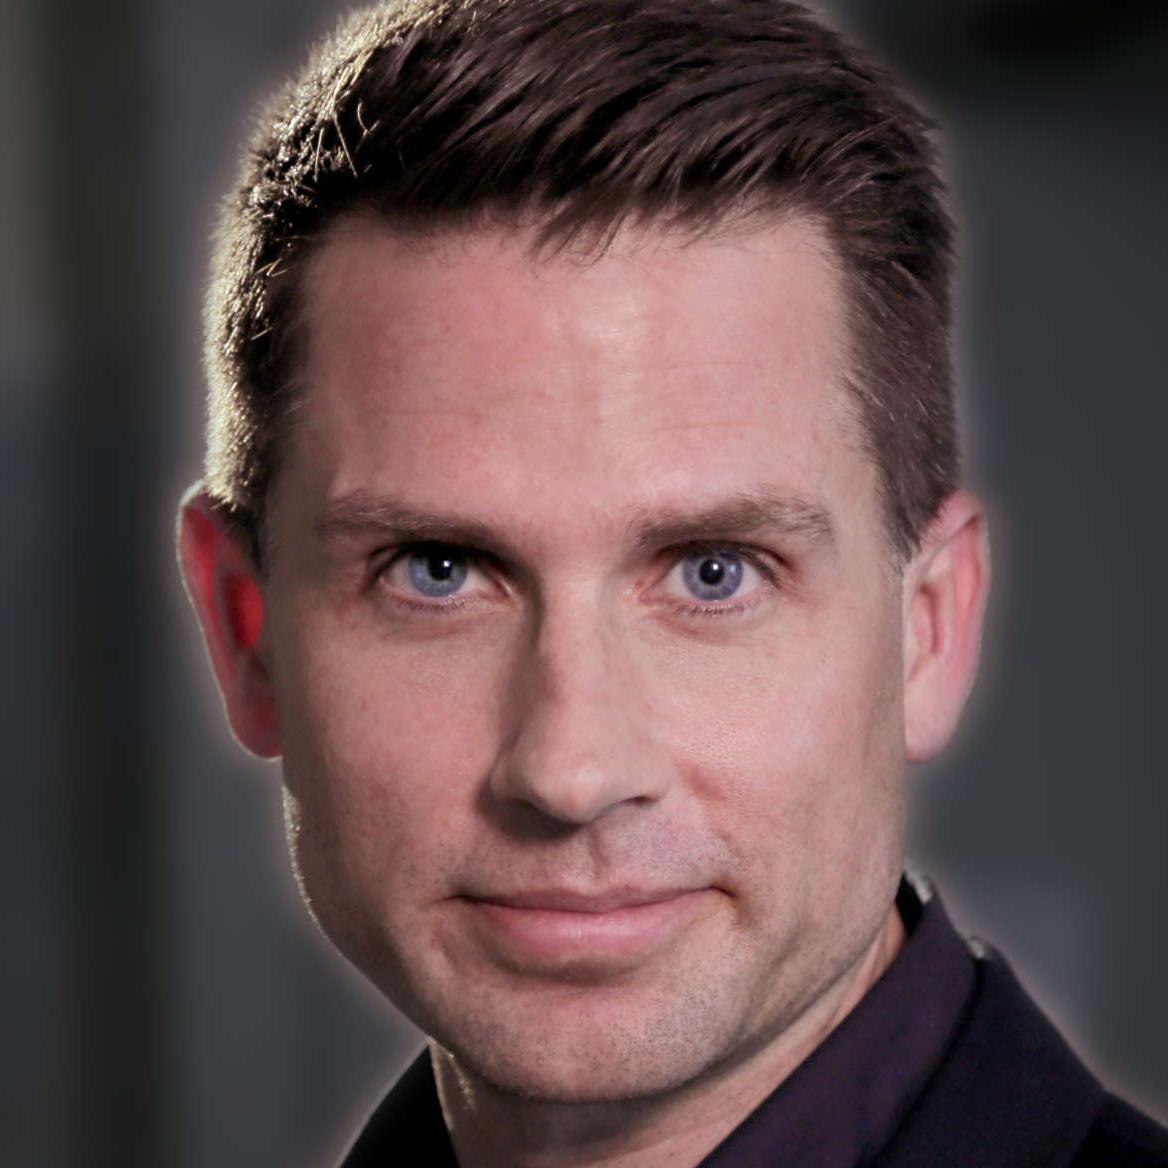 Mike Lingenfelser